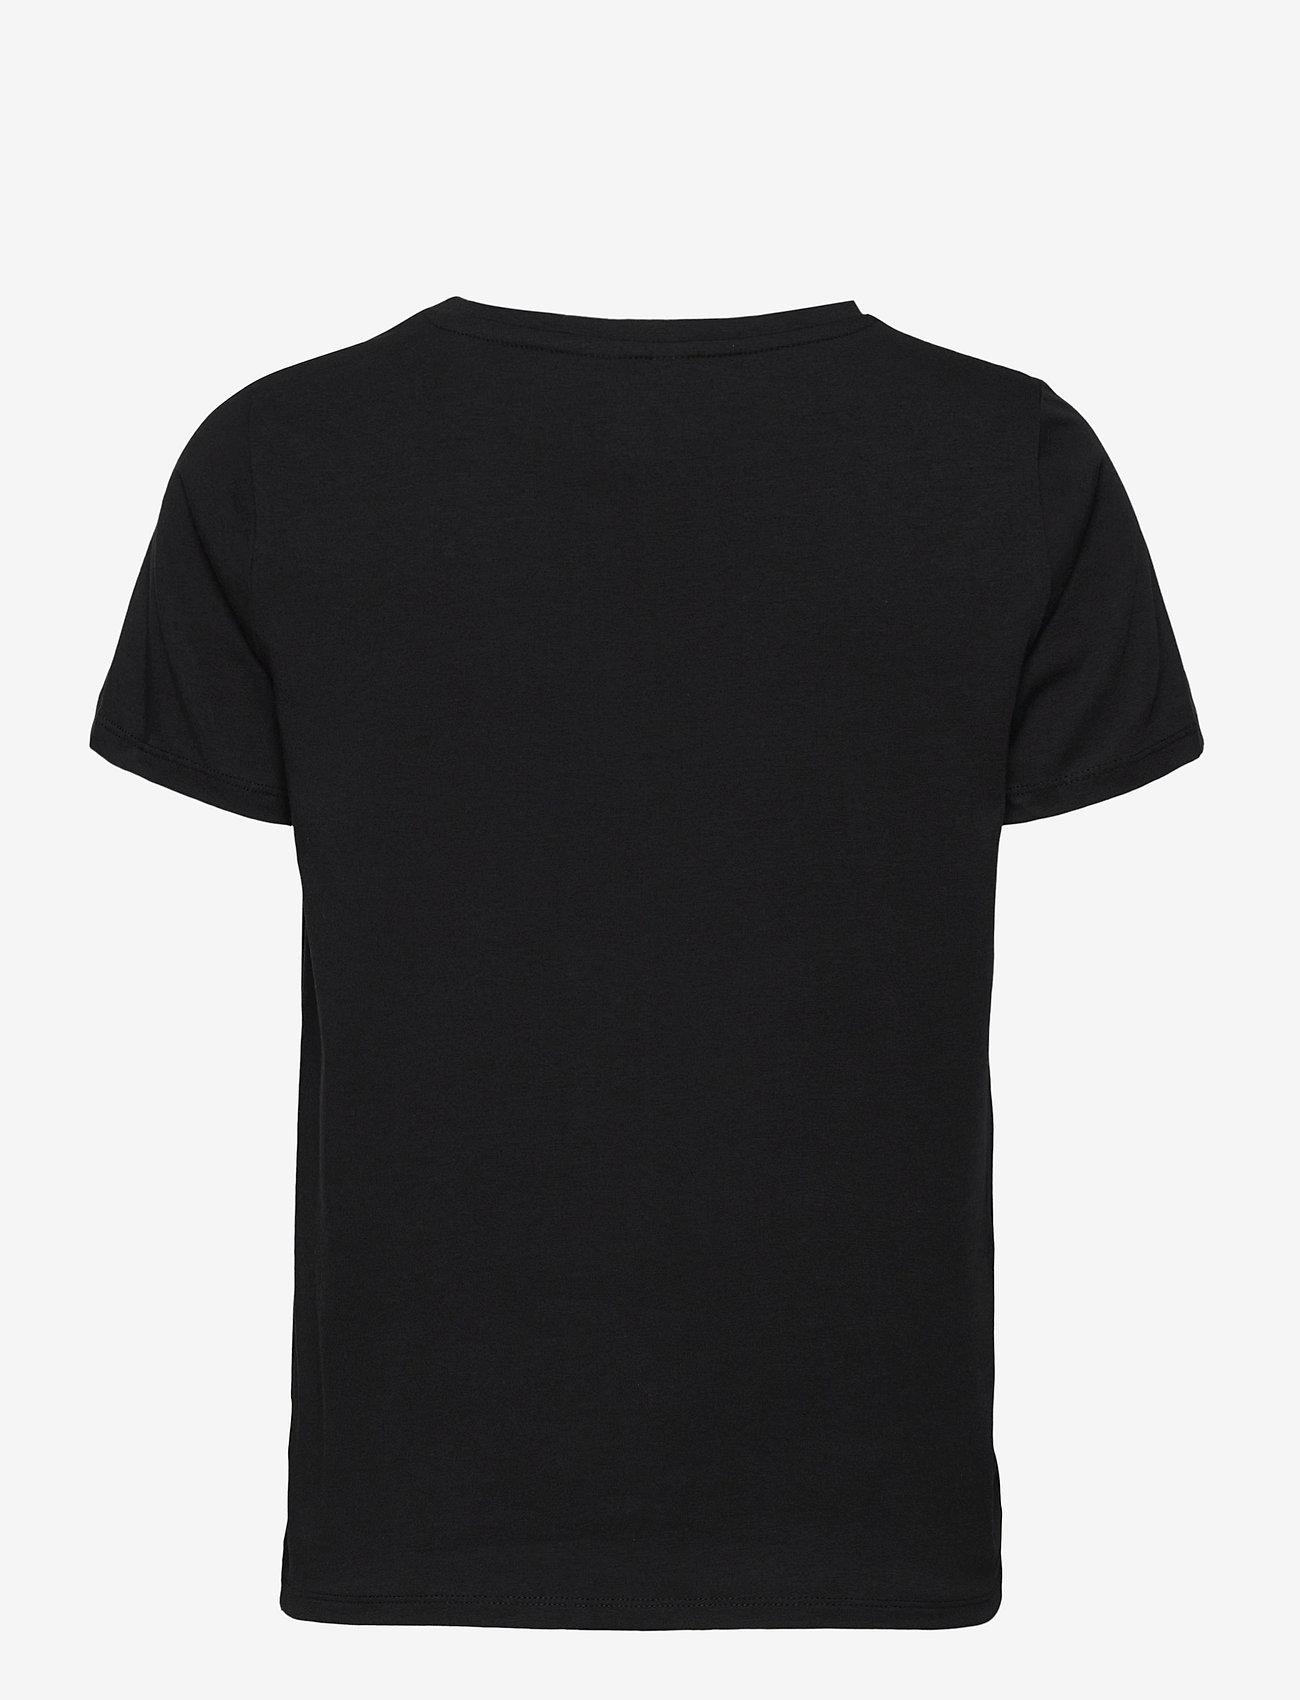 Object - OBJSTEPHANIE S/S TOP - t-shirts - black - 1